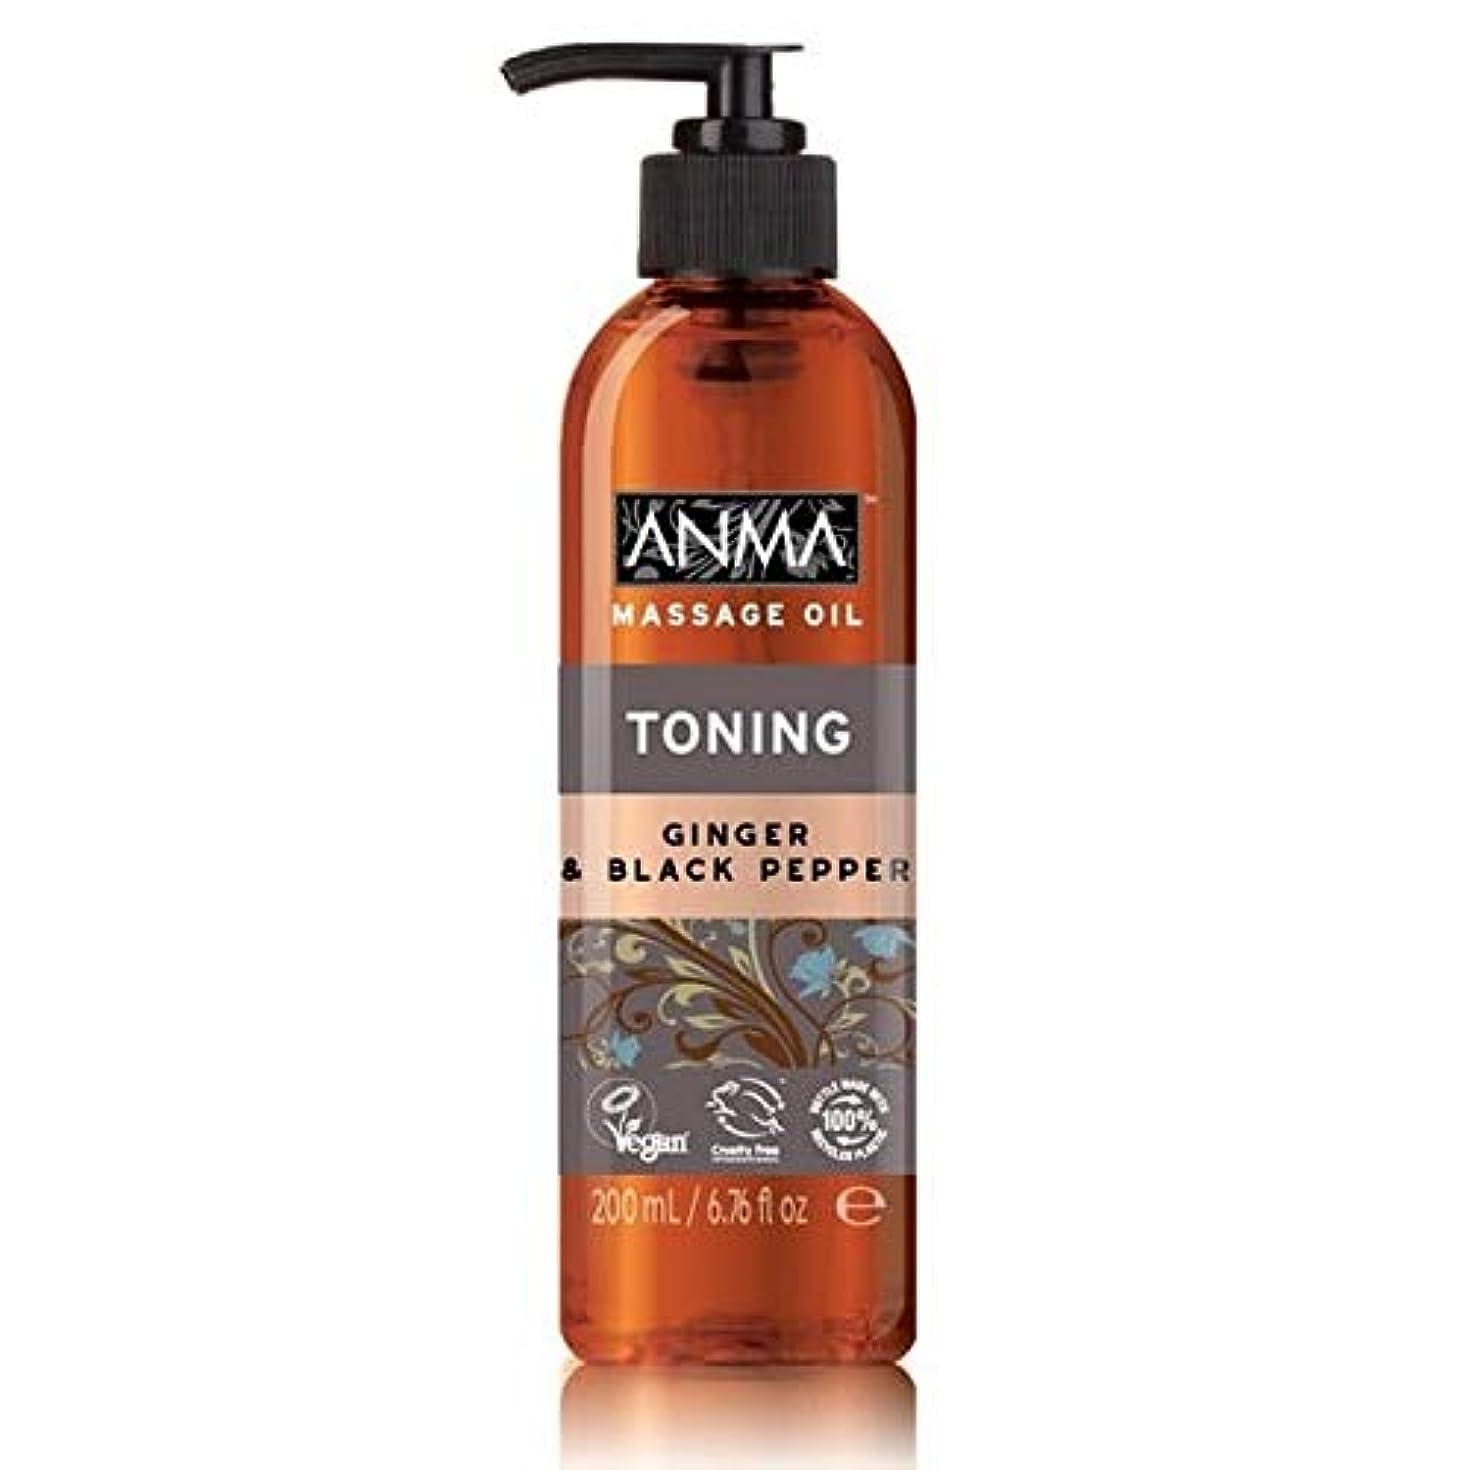 [Anma ] あんまマッサージオイル調色 - Anma Massage Oil Toning [並行輸入品]